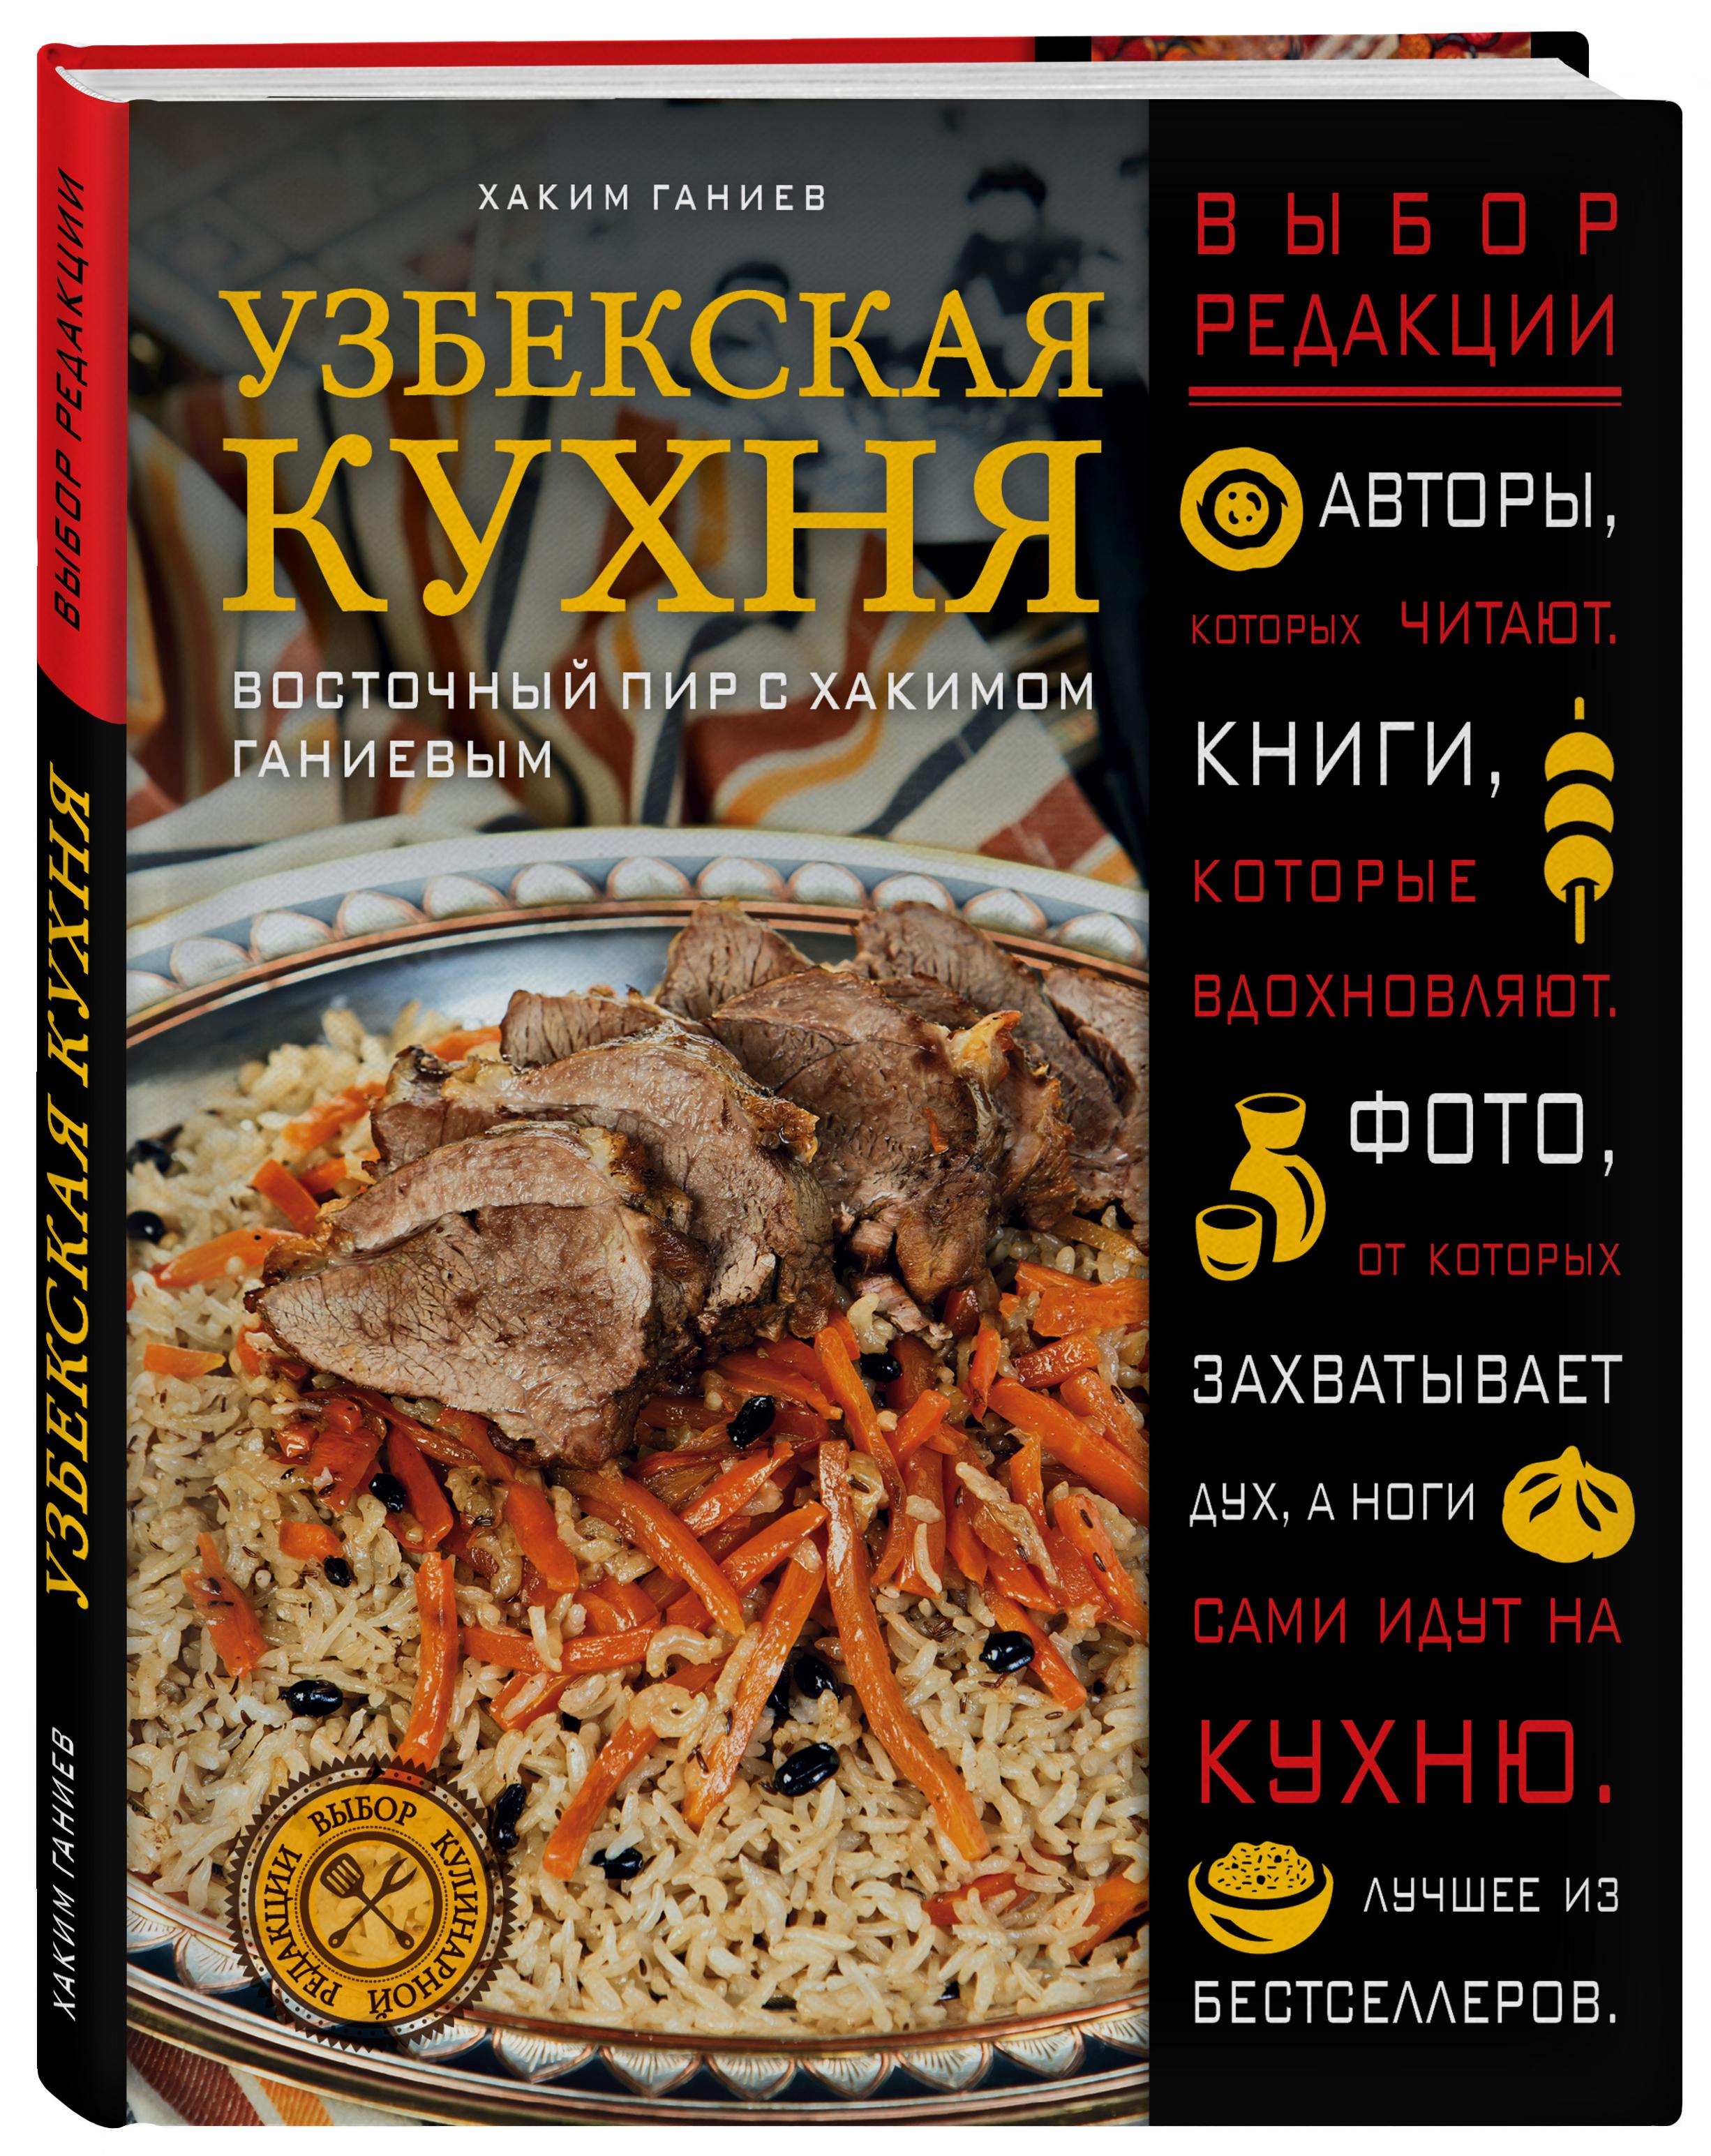 Ганиев Х. Узбекская кухня. Восточный пир с Хакимом Ганиевым хаким ганиев энциклопедия узбекской кухни